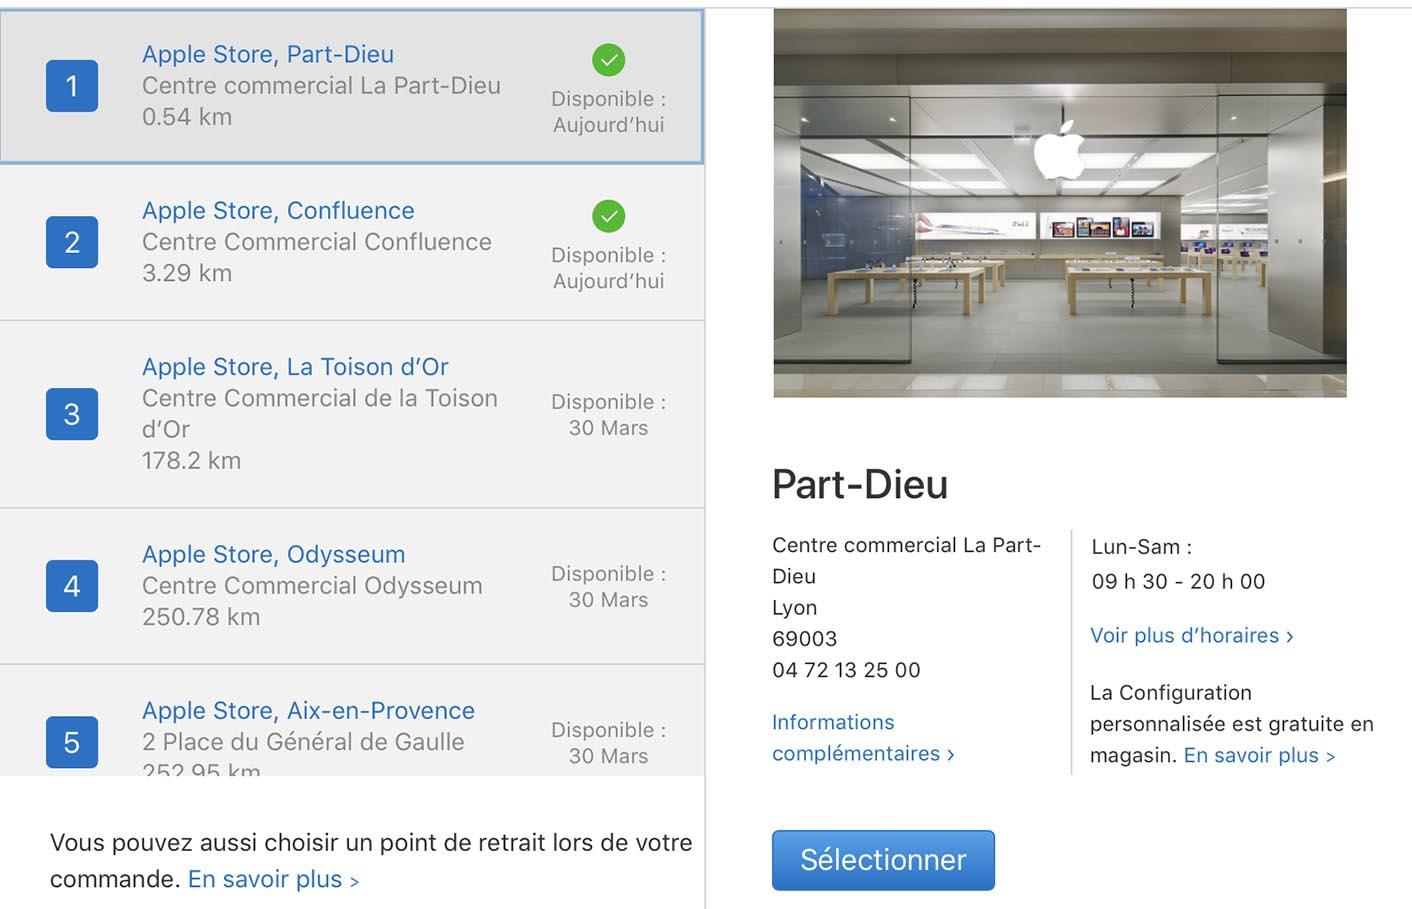 iPad Pro stocks Apple Store